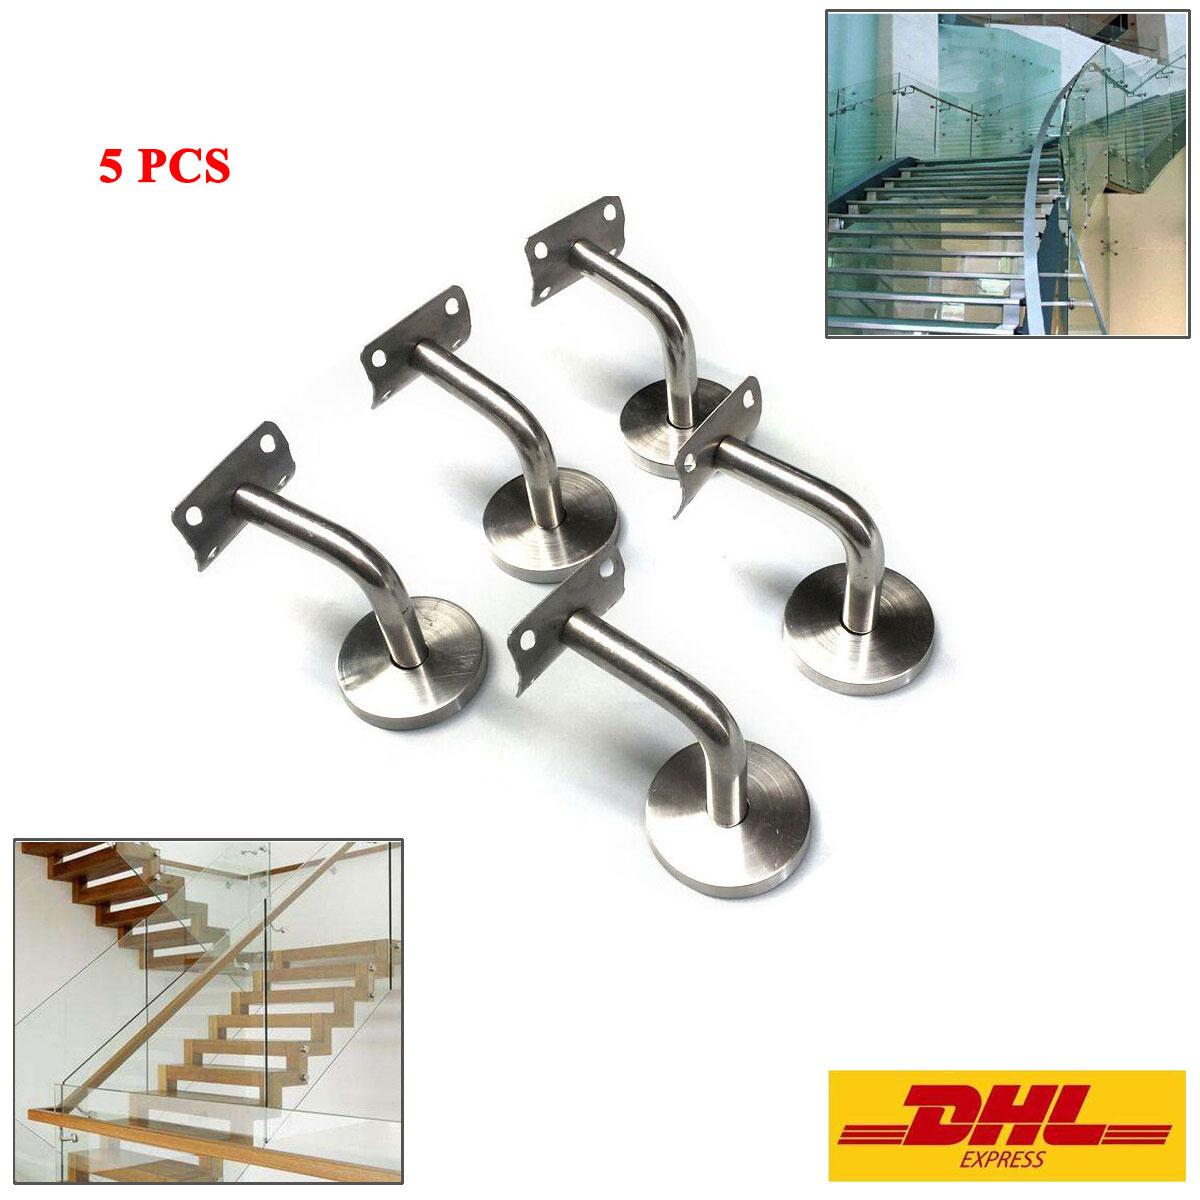 Main Courante Escalier Corde détails sur acier inoxydable main courante bannister escalier rail support  balustrade suppor